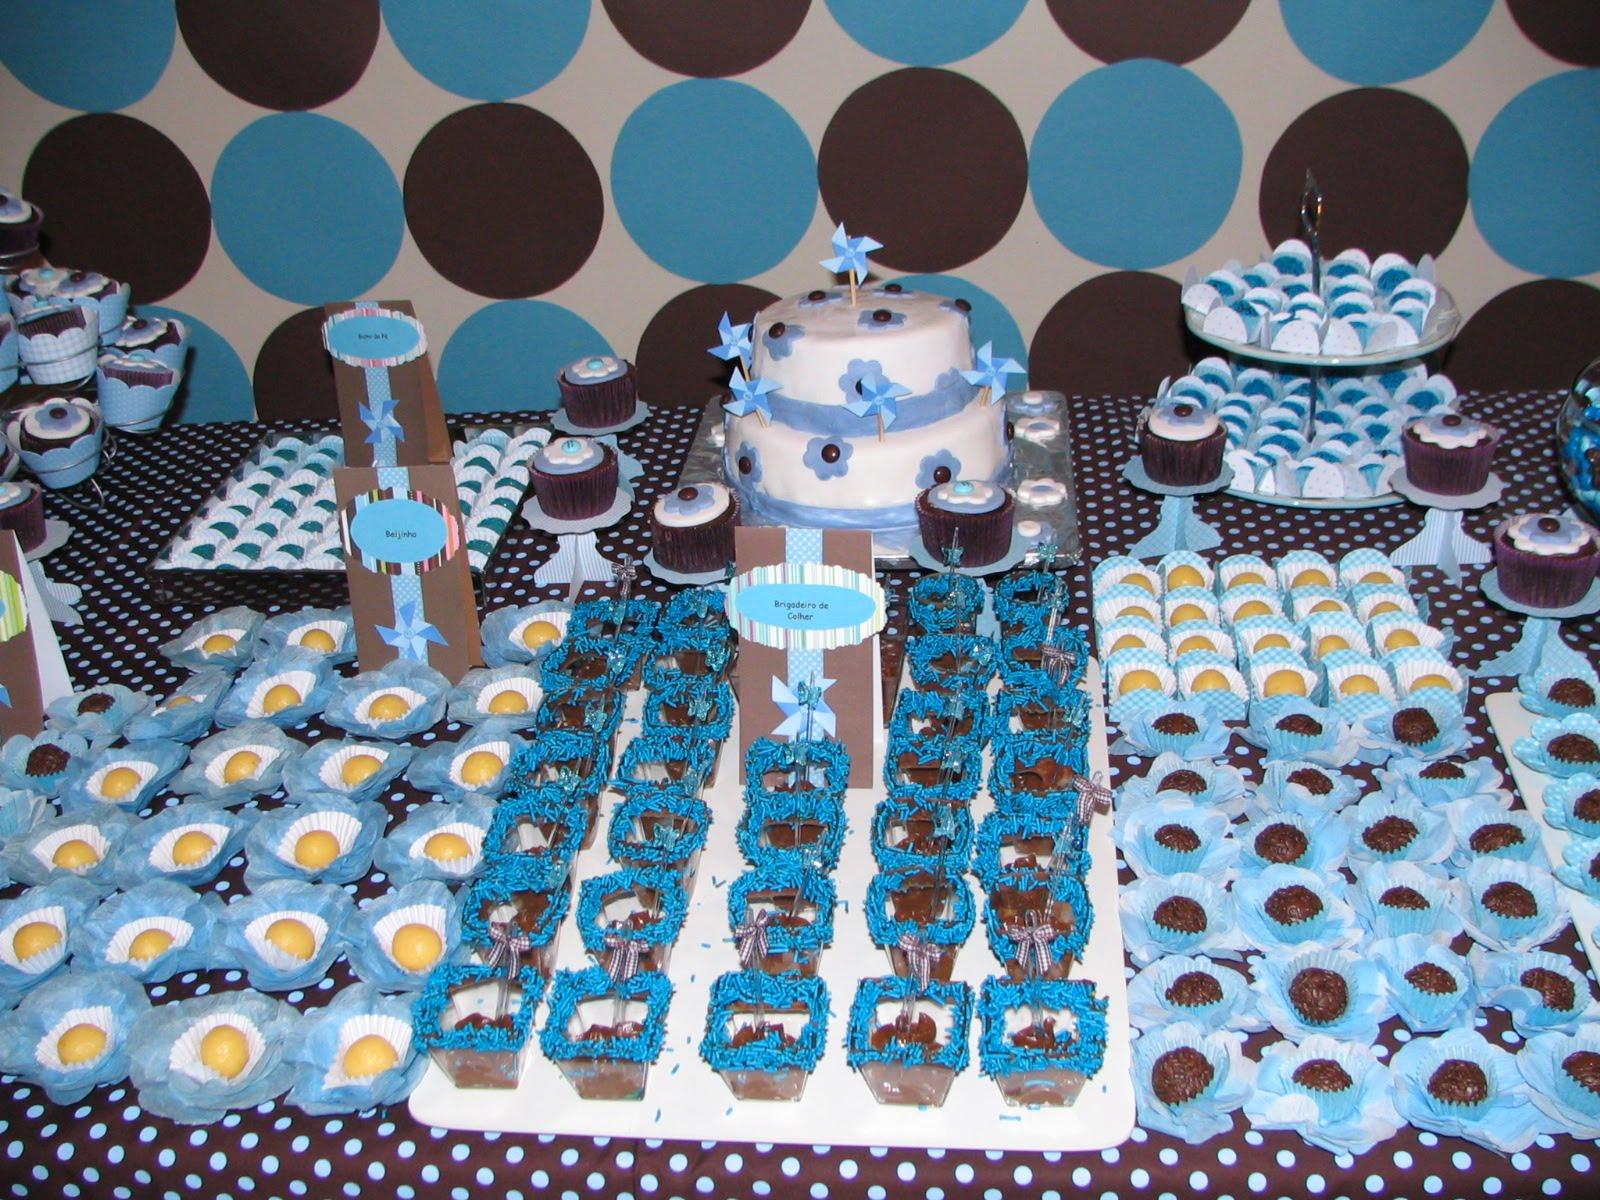 decoracao festa urso azul e marrom : decoracao festa urso azul e marrom: : AZUL COM POÁS (BOLINHAS) NA COR MARROM: FESTA E DECORAÇÃO